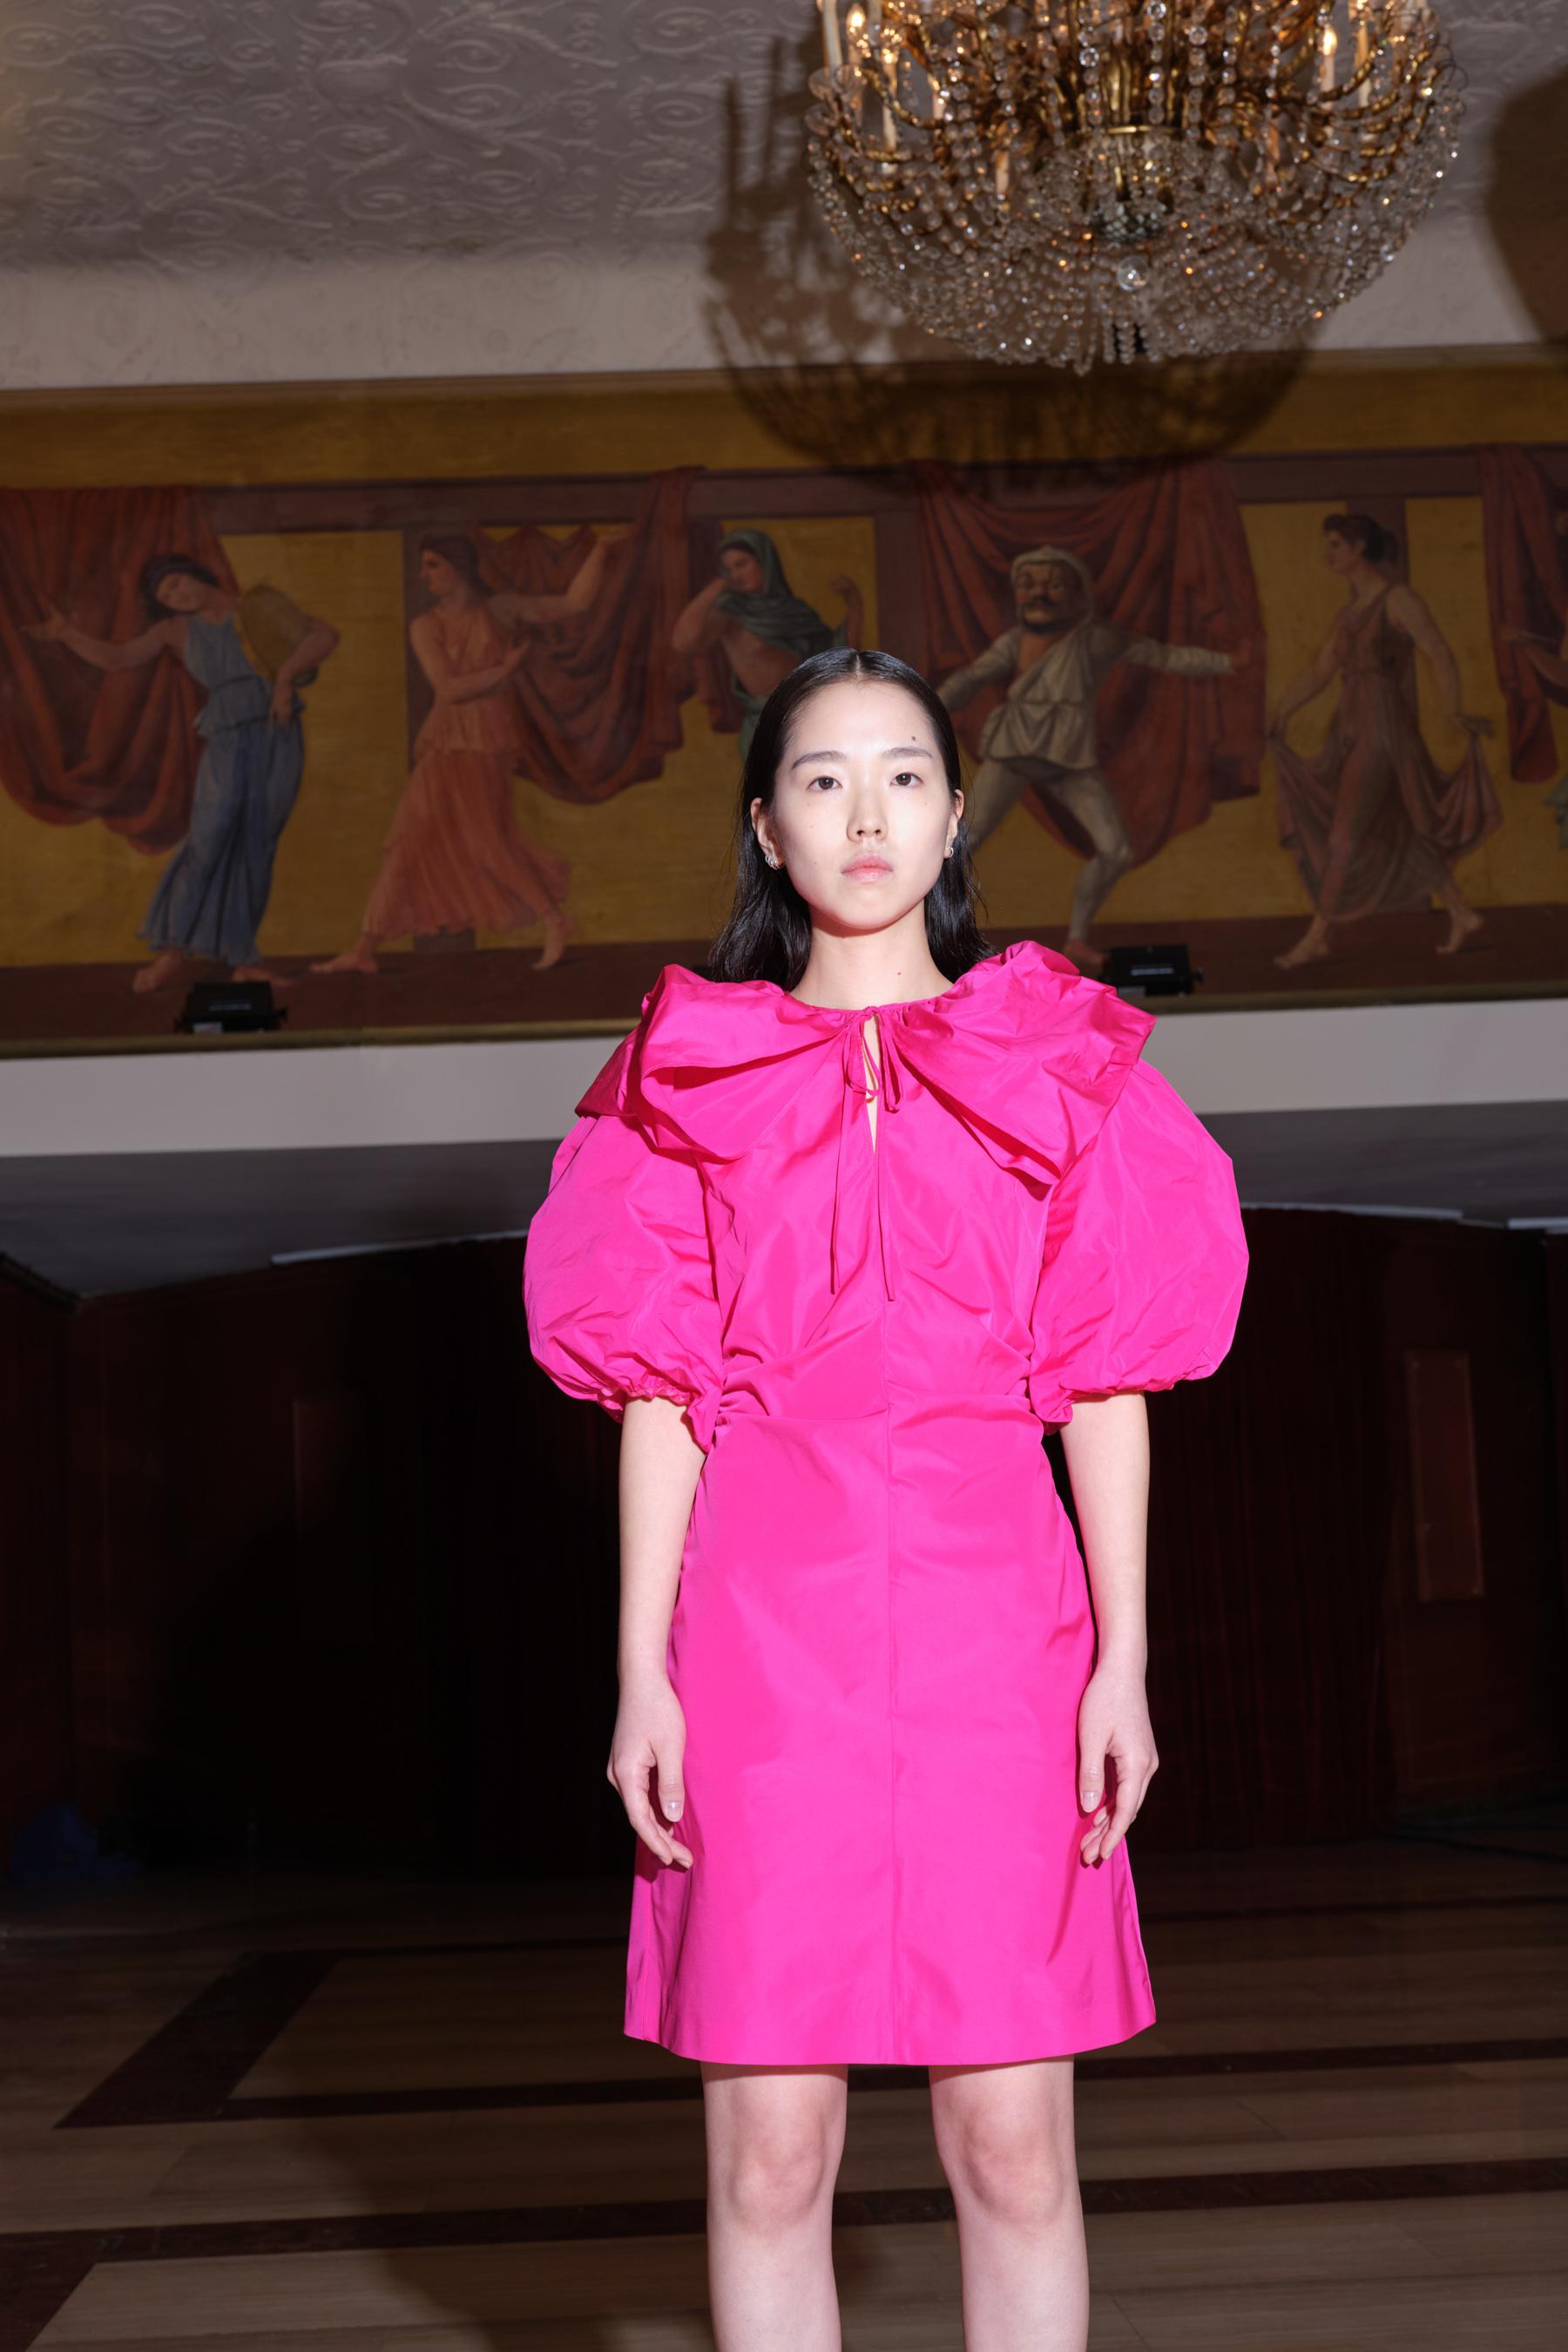 MSGM Fall 2021 Fashion Show